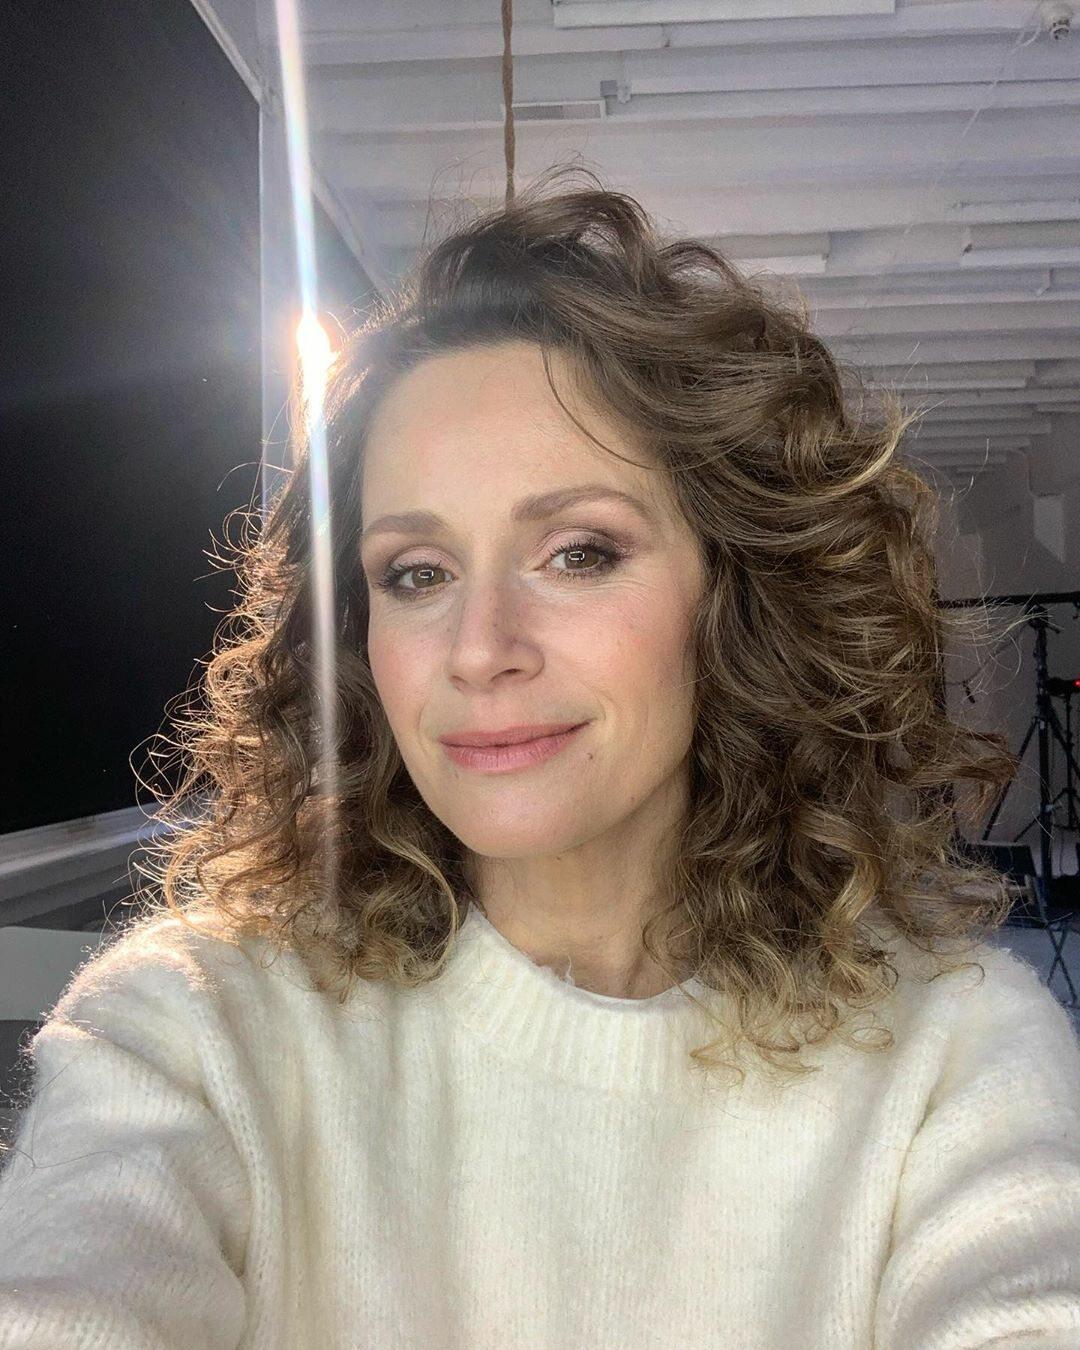 """Monika Mrozowska, serialowa Majka z """"Rodziny zastępczej"""", jest ciąży! Aktorka pokazała zdjęcia i odpowiedziała Pudelkowi"""